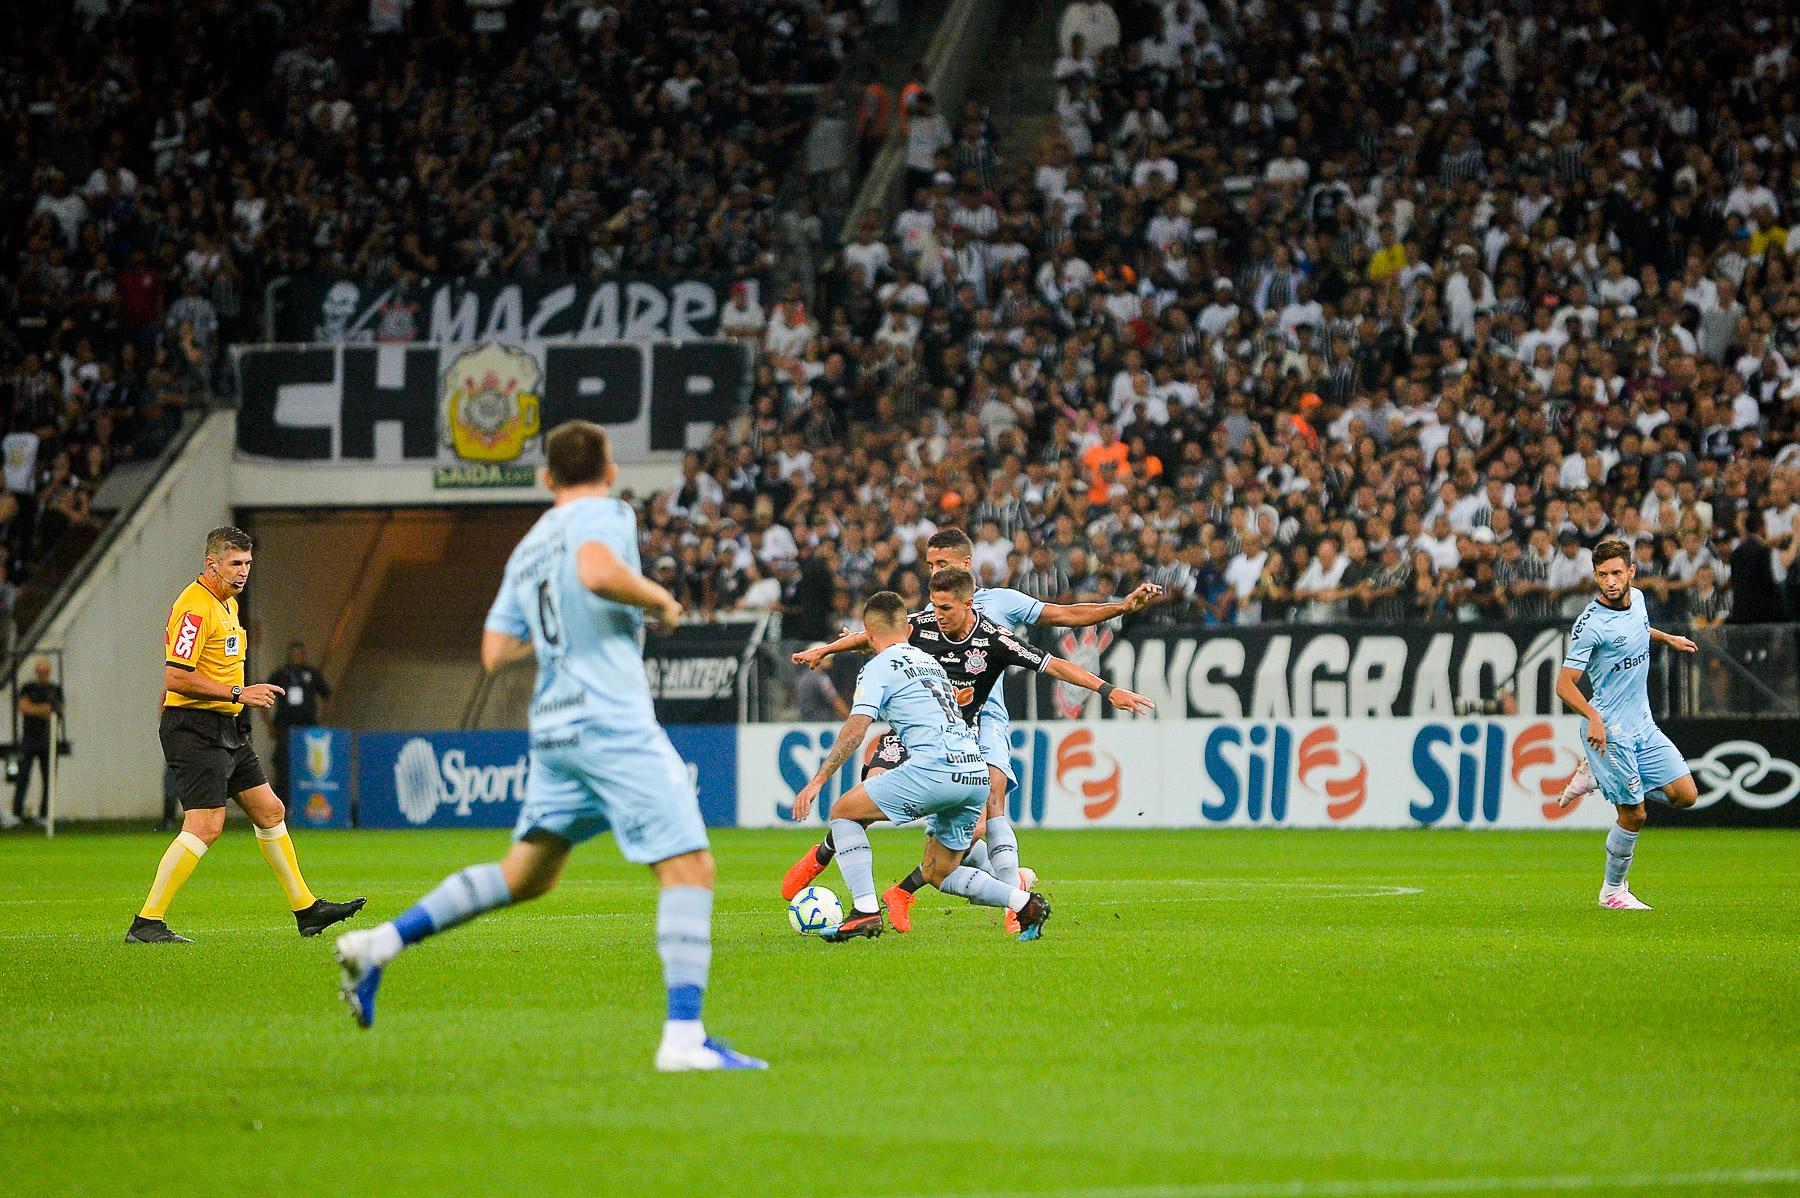 CorinthiansXGremio_dudabairros_Agif_0227